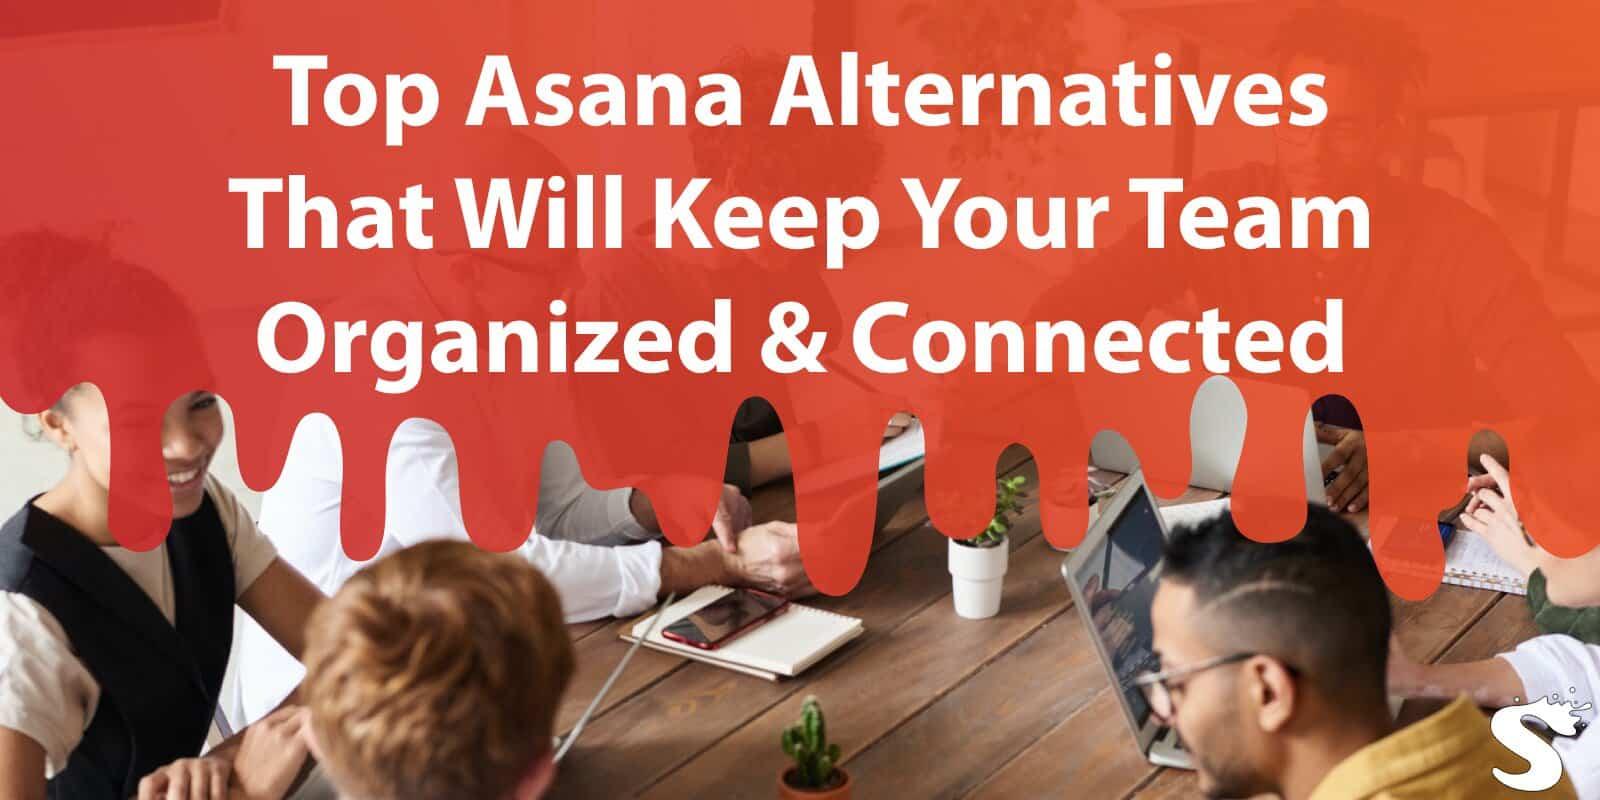 Top Asana Alternatives